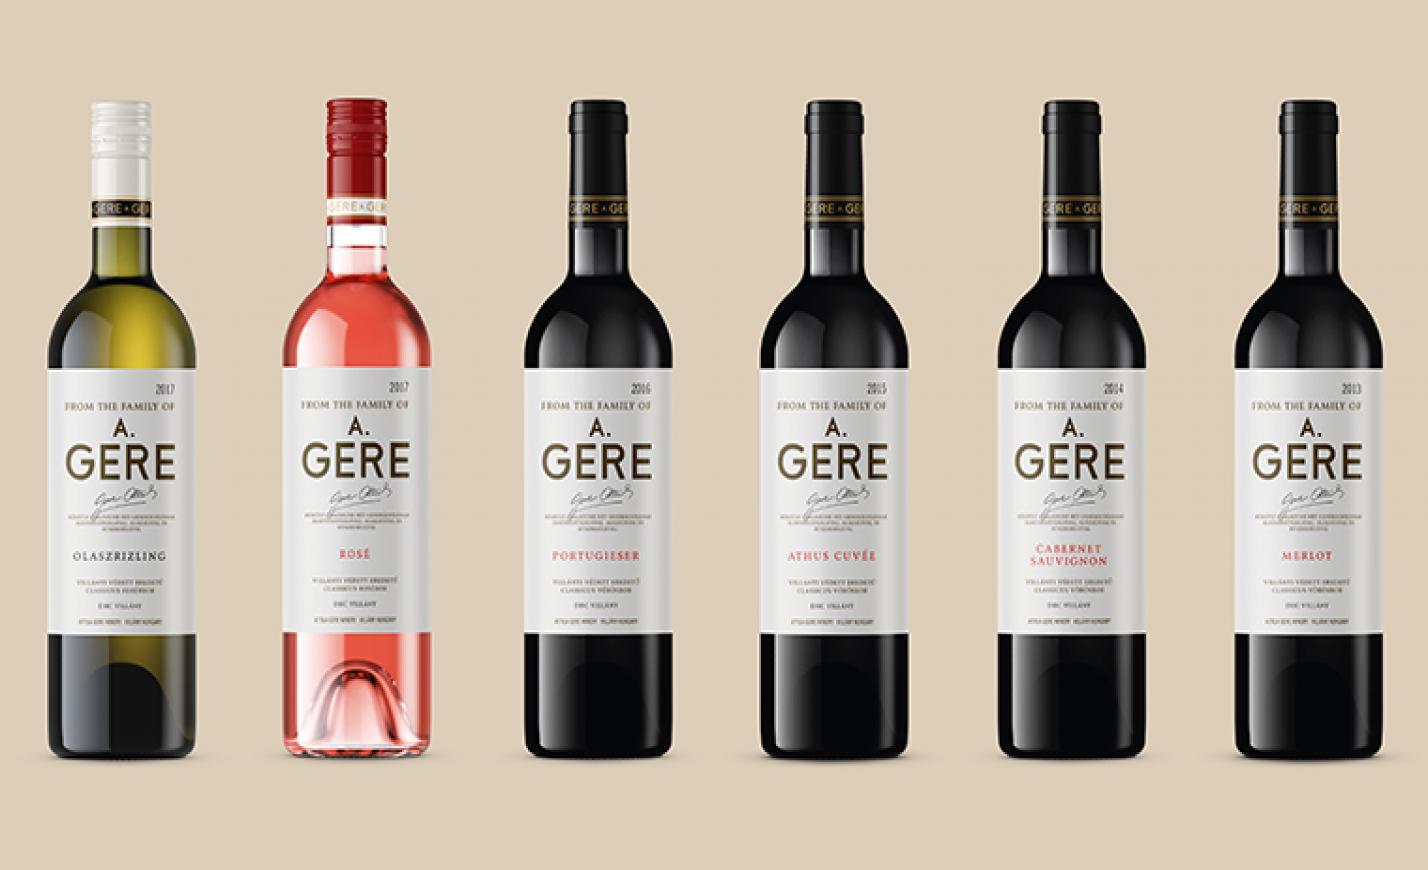 Figyelj, ha a boltban jársz: más nevet kaptak a Gere borok